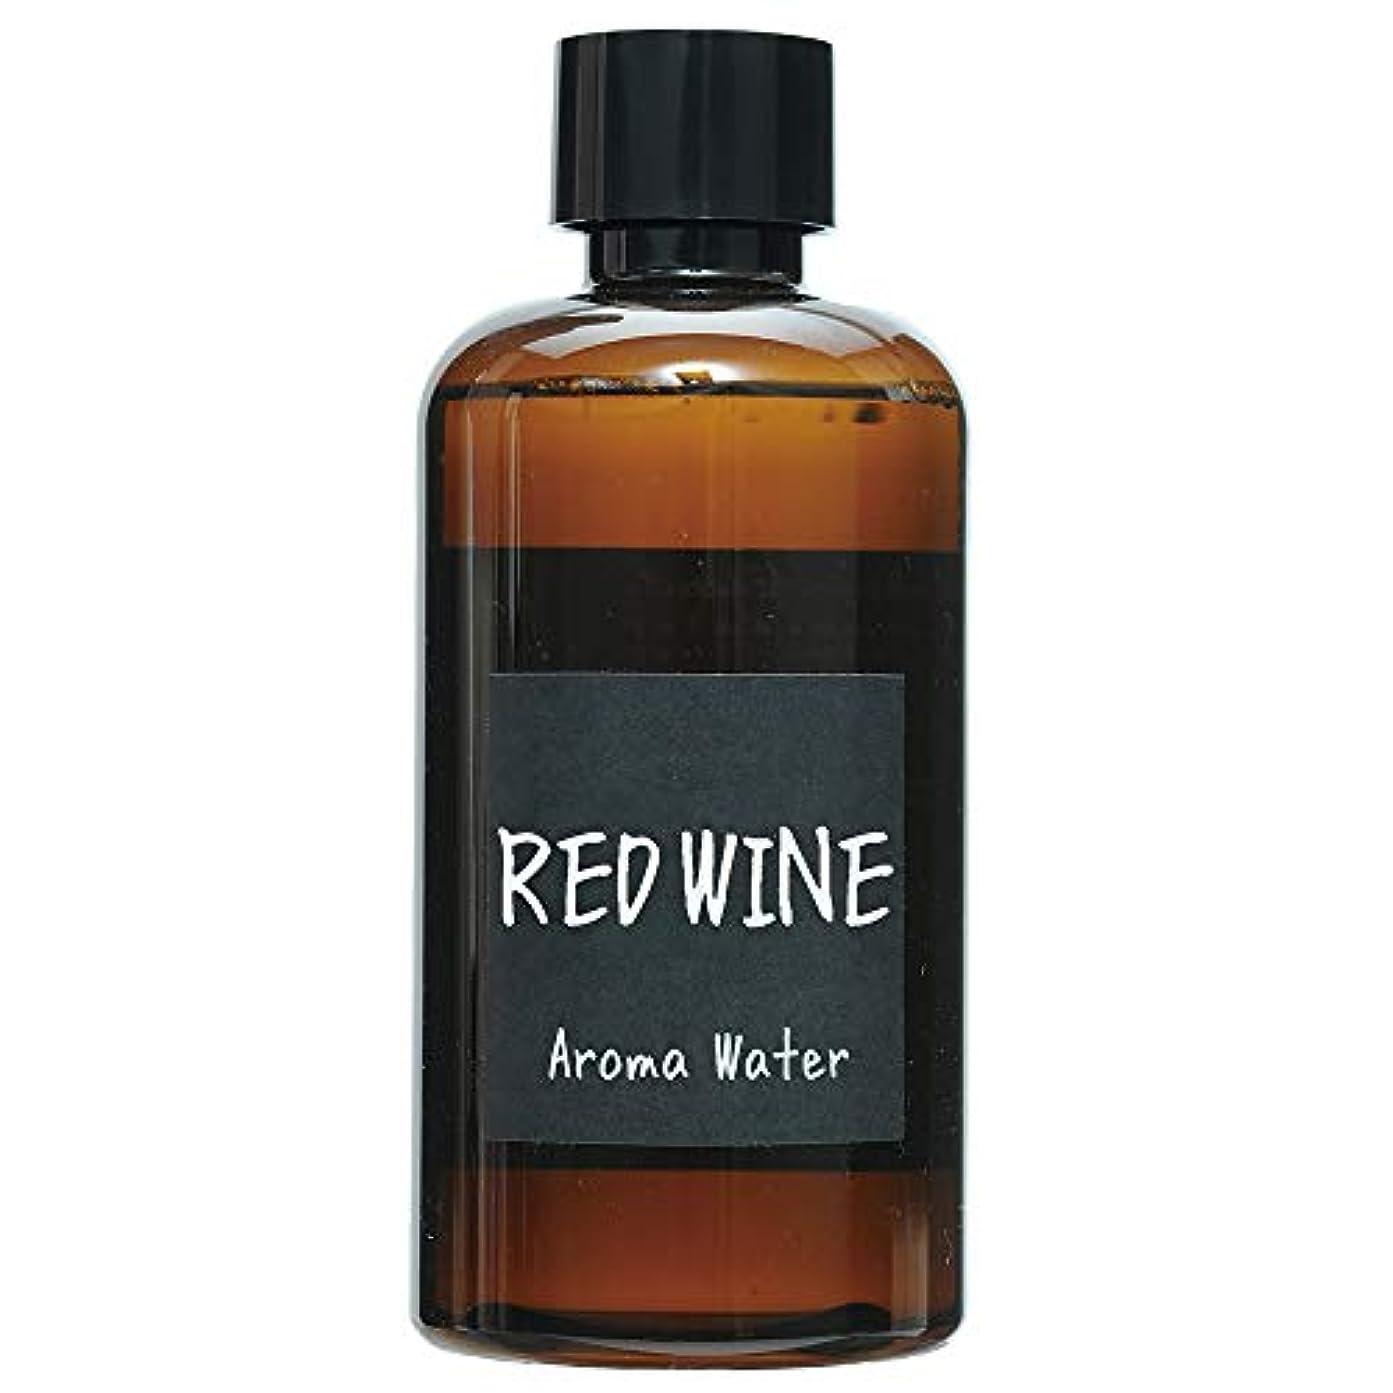 宣伝貯水池十分ですノルコーポレーション John's Blend アロマウォーター 加湿器用 OA-JON-23-5 レッドワインの香り 520ml